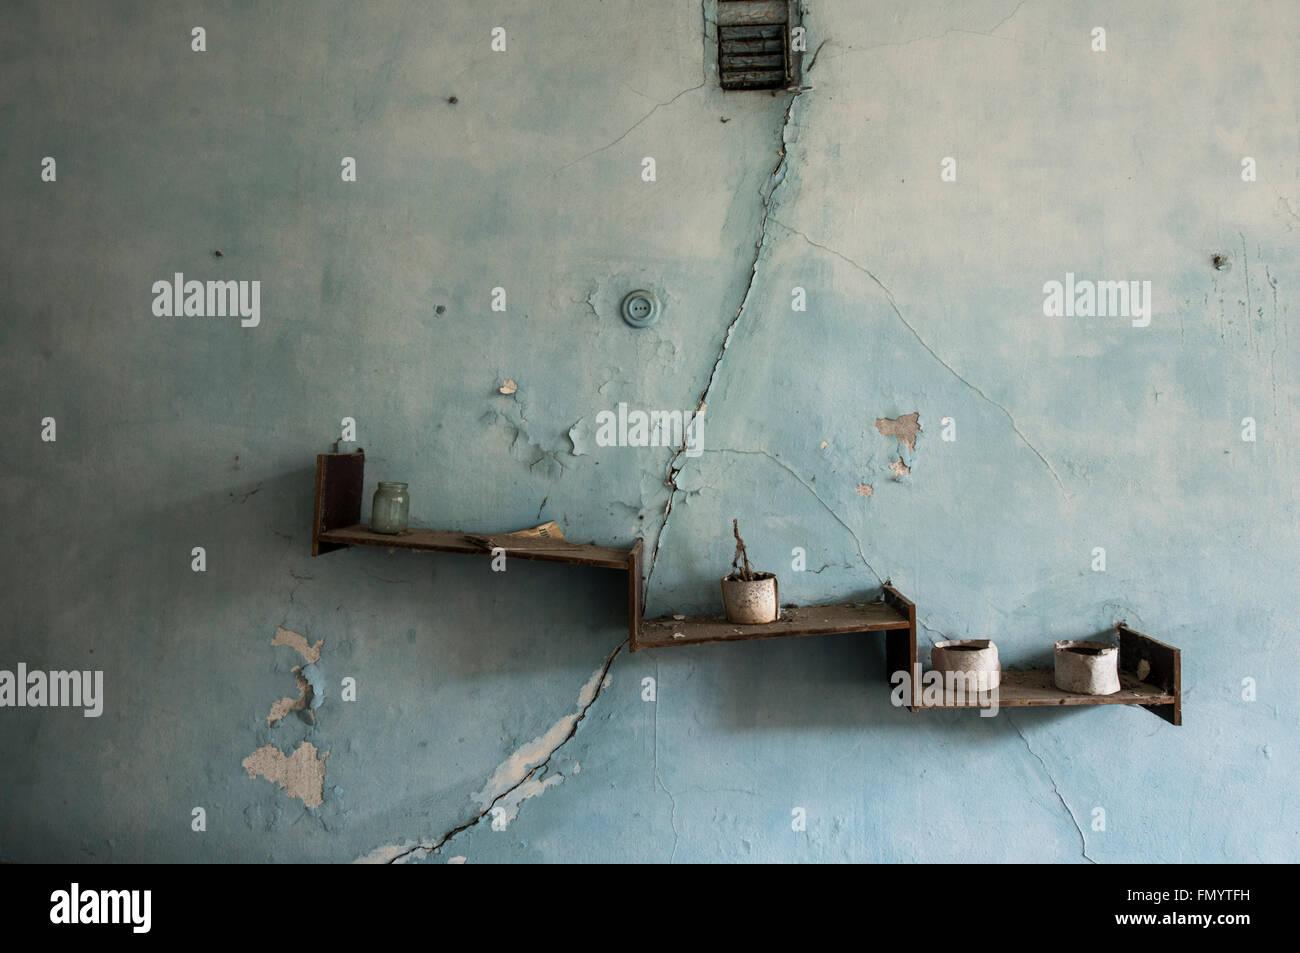 Shelf in school of  Pripyat, Chernobyl scene of 1986 nuclear disaster - Stock Image